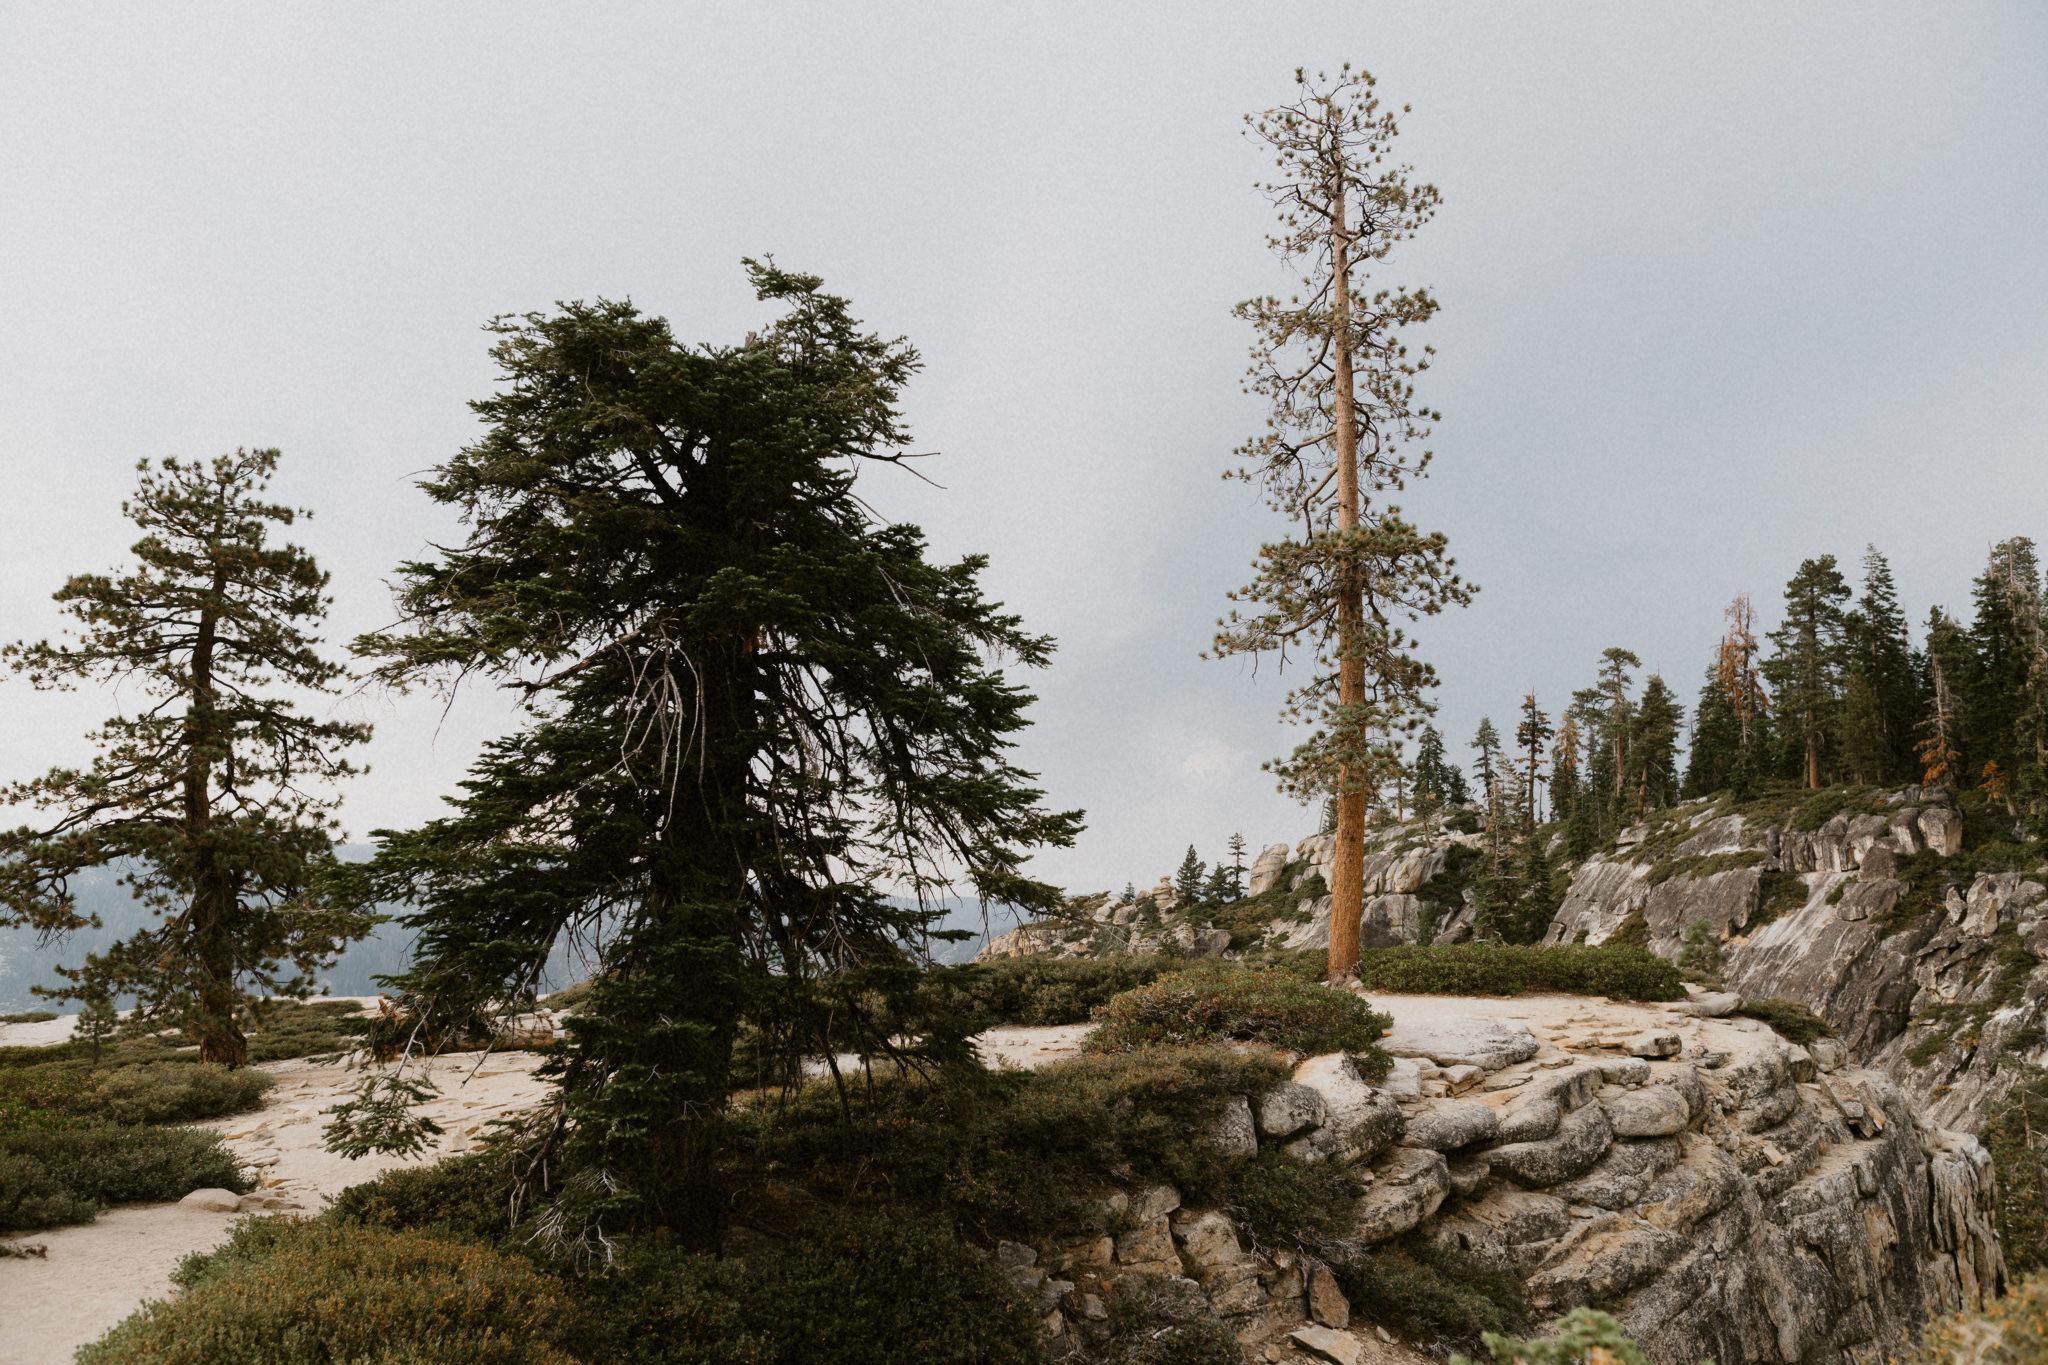 20160820_Yosemite_0001-Exposure.jpg